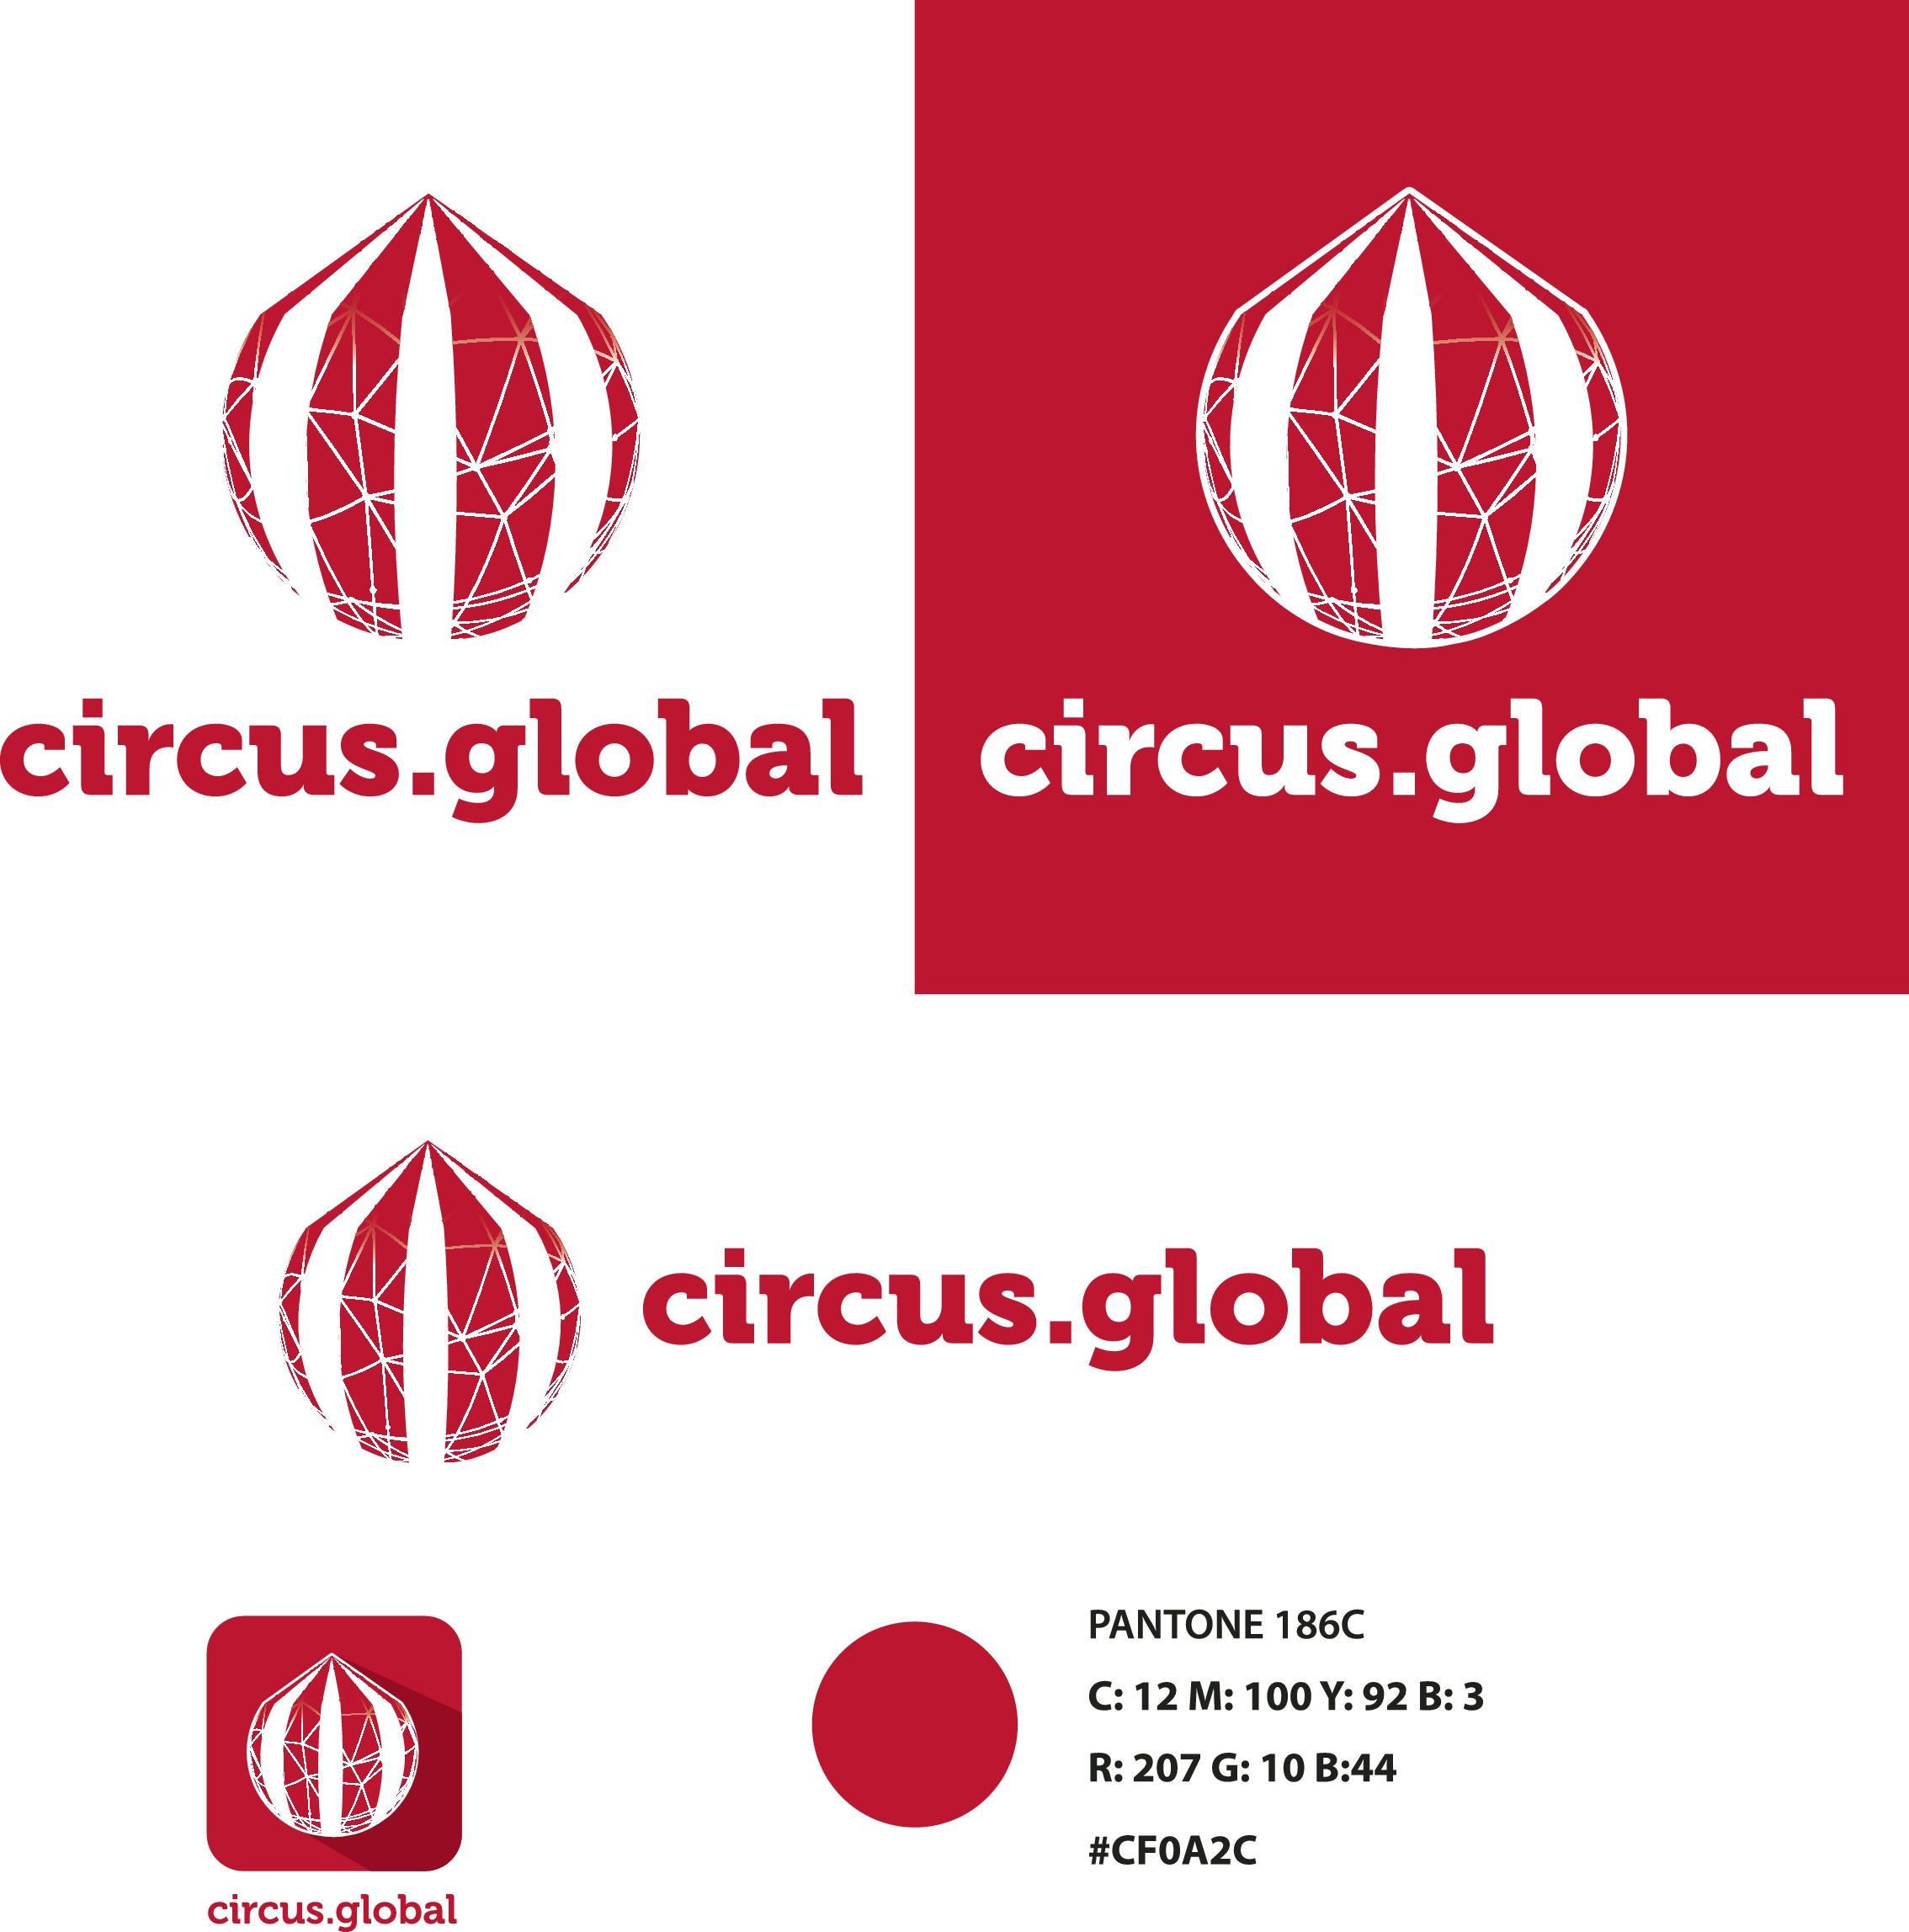 Crea el logo de la primera red social dedicada al mundo del circo